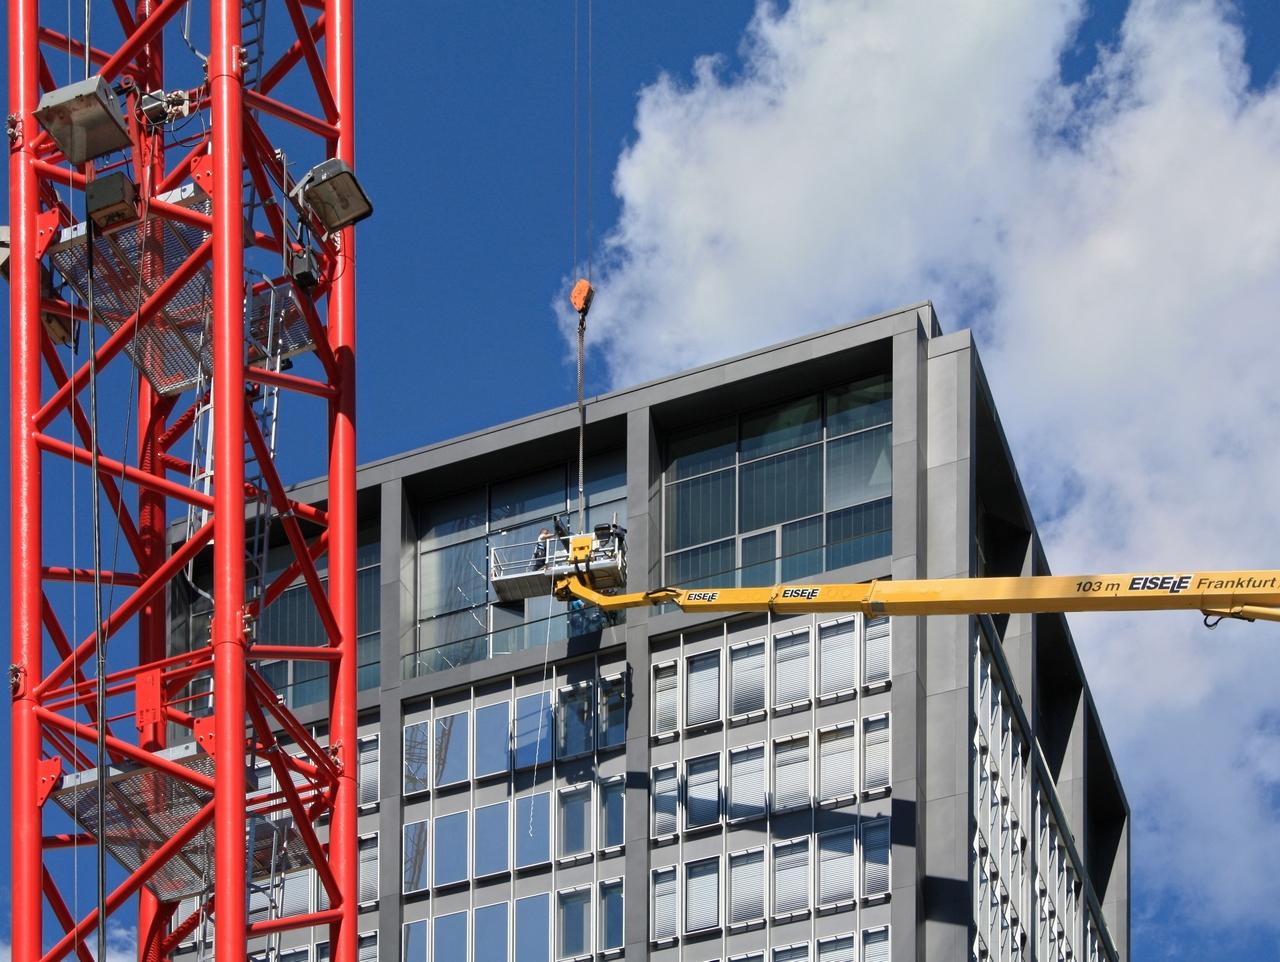 Bild: http://www.deutsches-architektur-forum.de/pics/schmittchen/3661_marieninsel.jpg